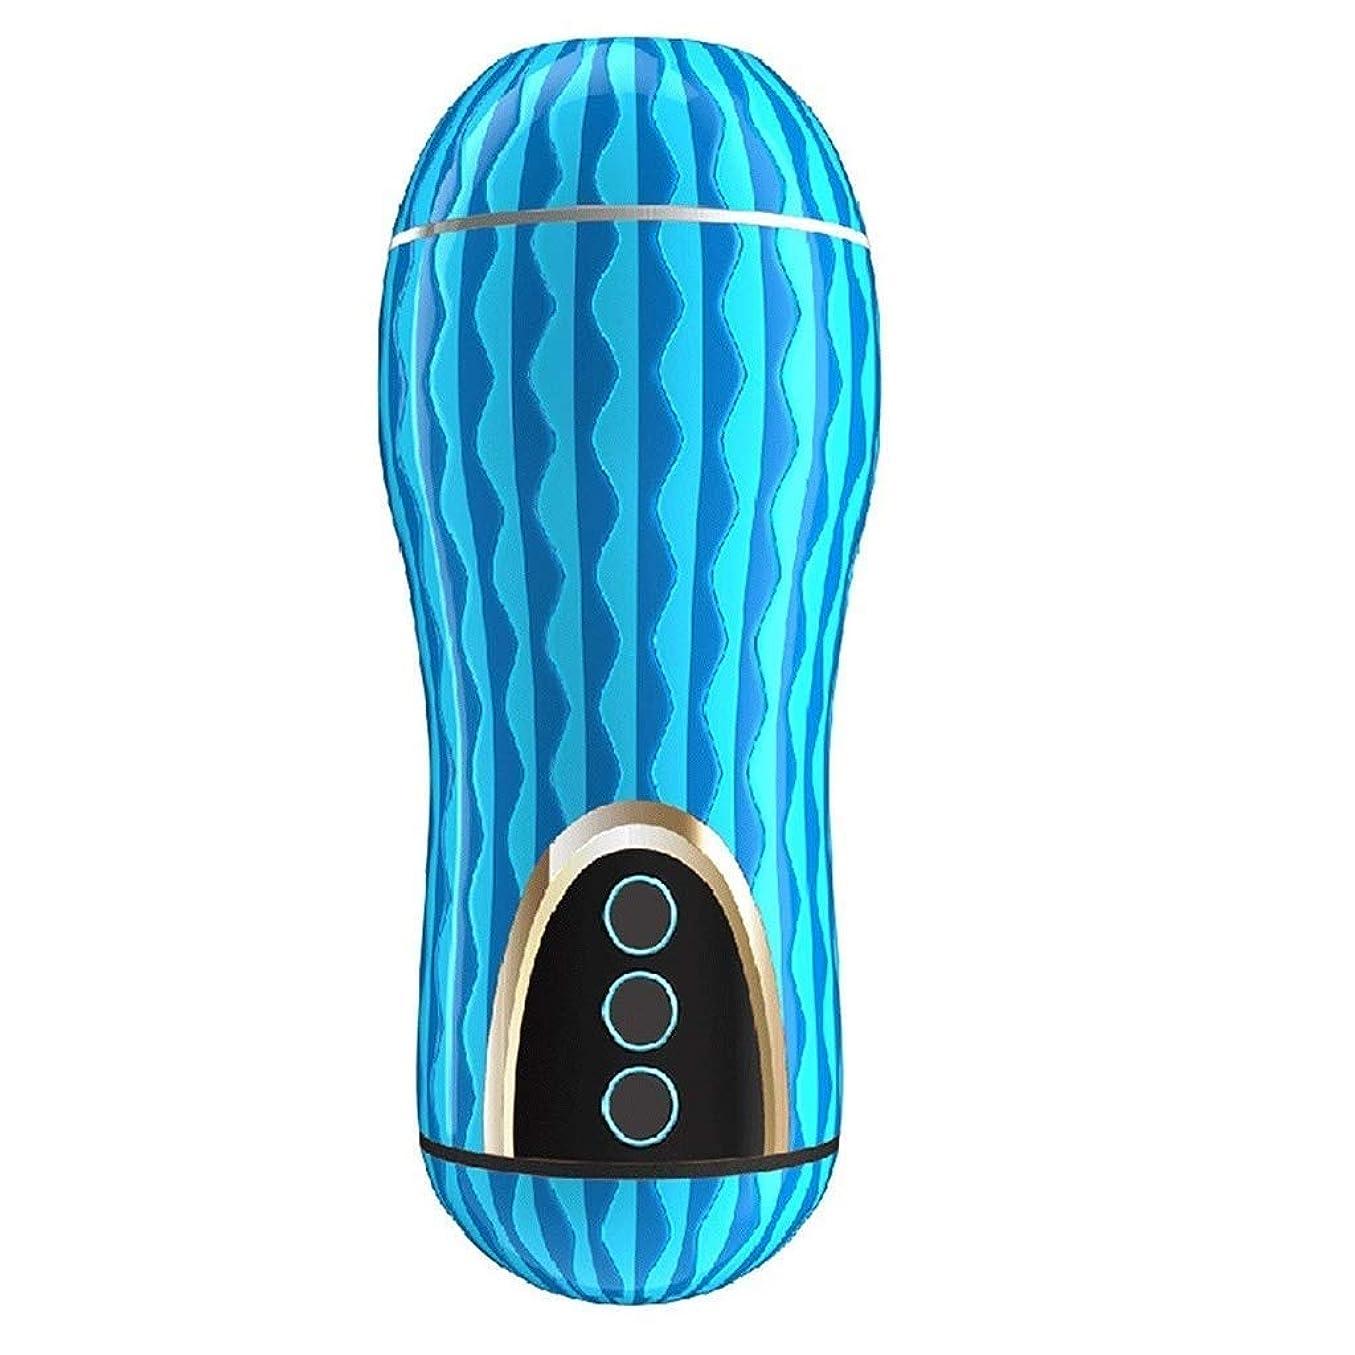 微生物失速理想的男性シリコーンポケットPU-SS ^ YPistǒnカップのために男のベストギフト男性用男性吸いMǎstùrabǎtorマッサージ下着 (Color : 青)